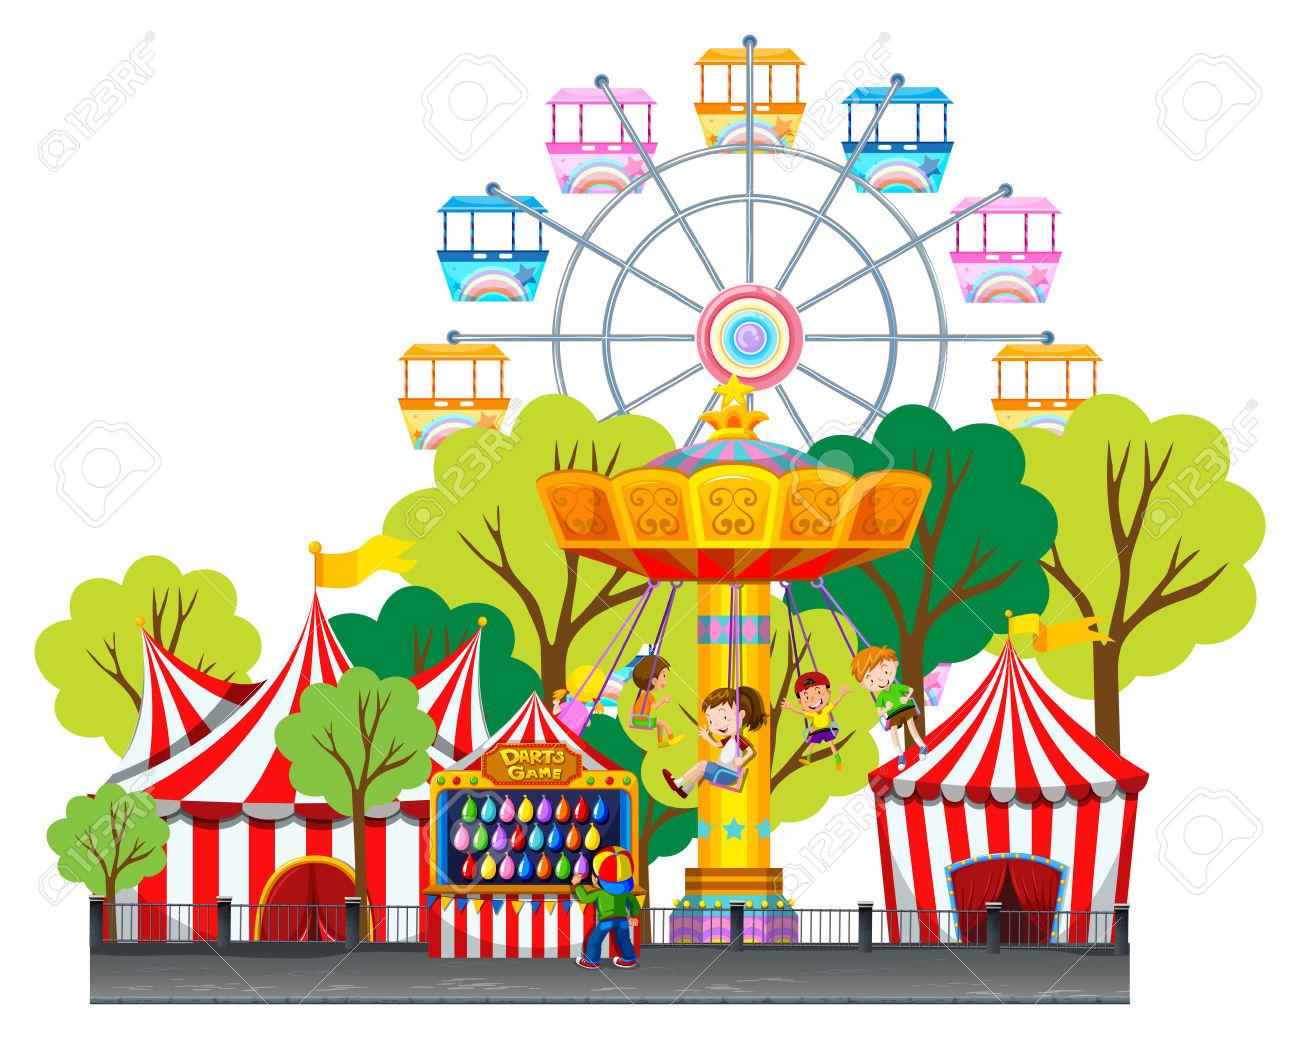 Amusement park clipart with kids.